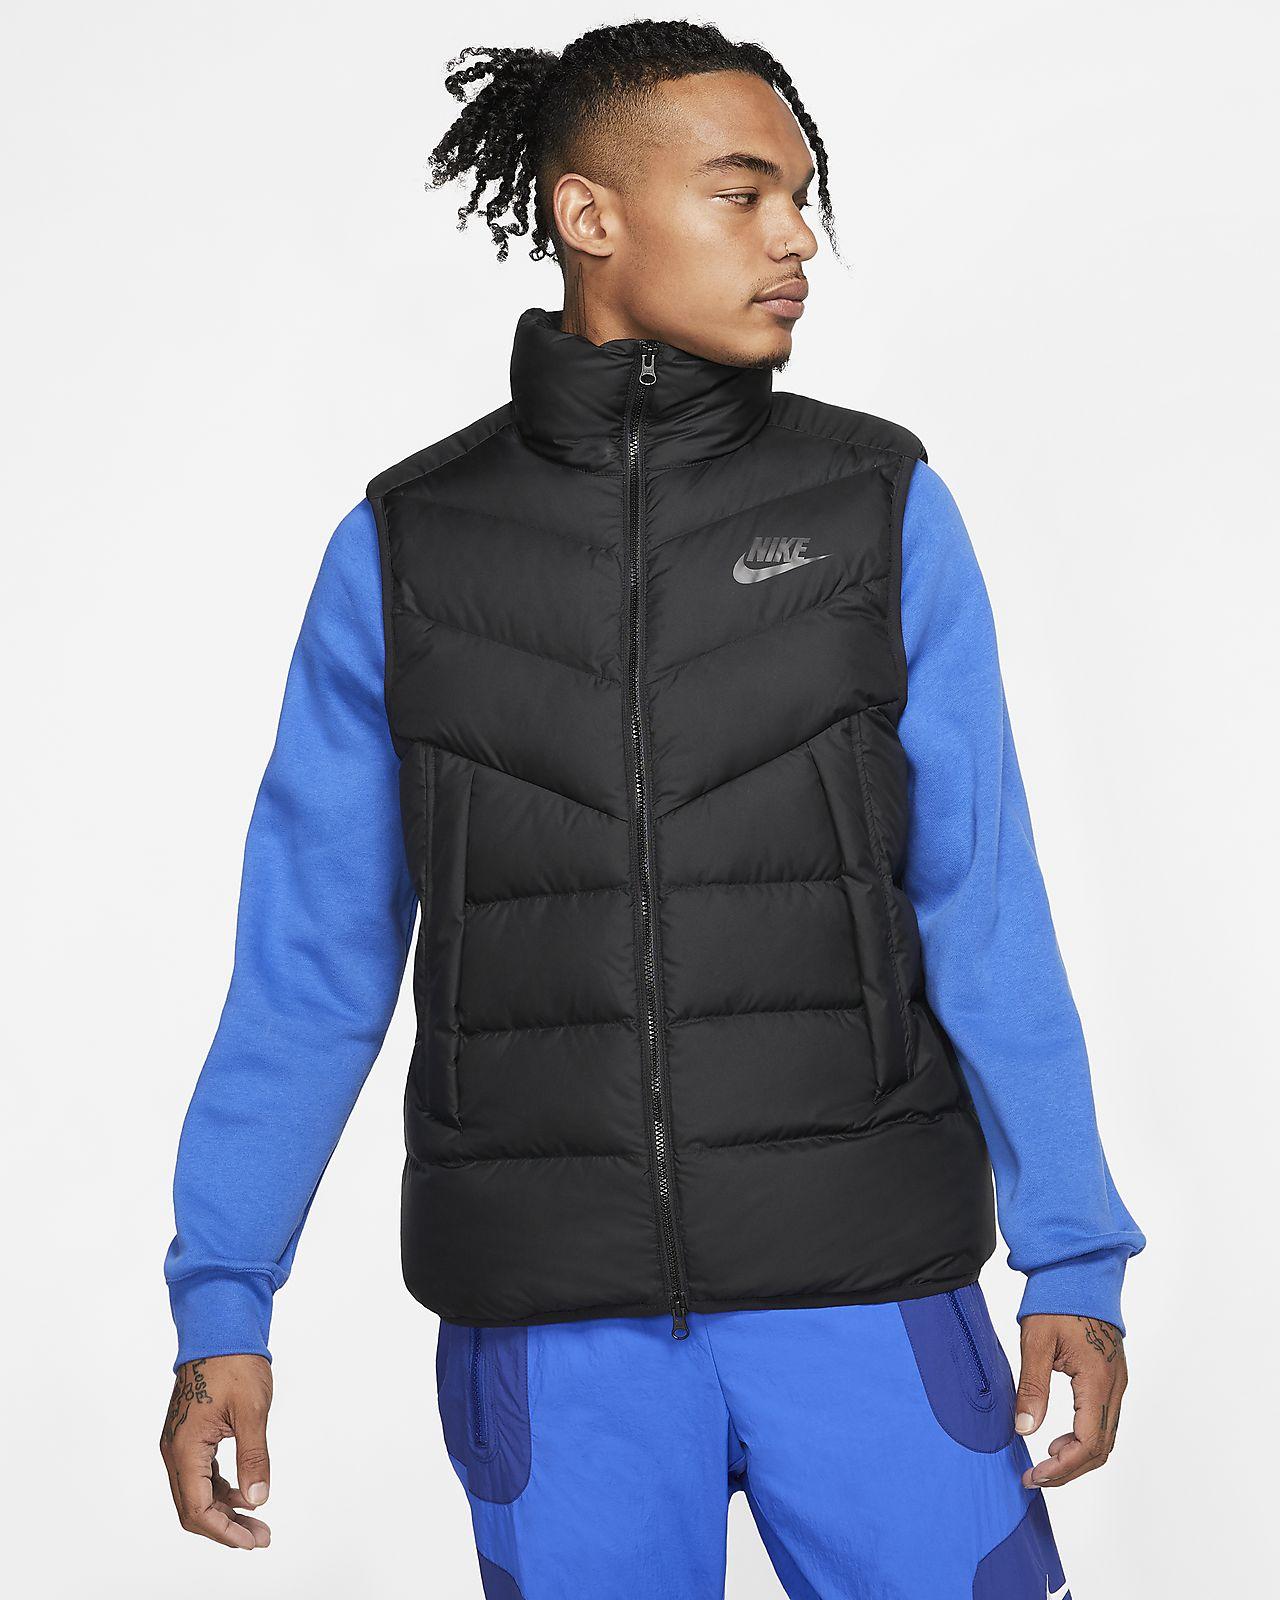 Nike Sportswear Men's Down-Fill Gilet